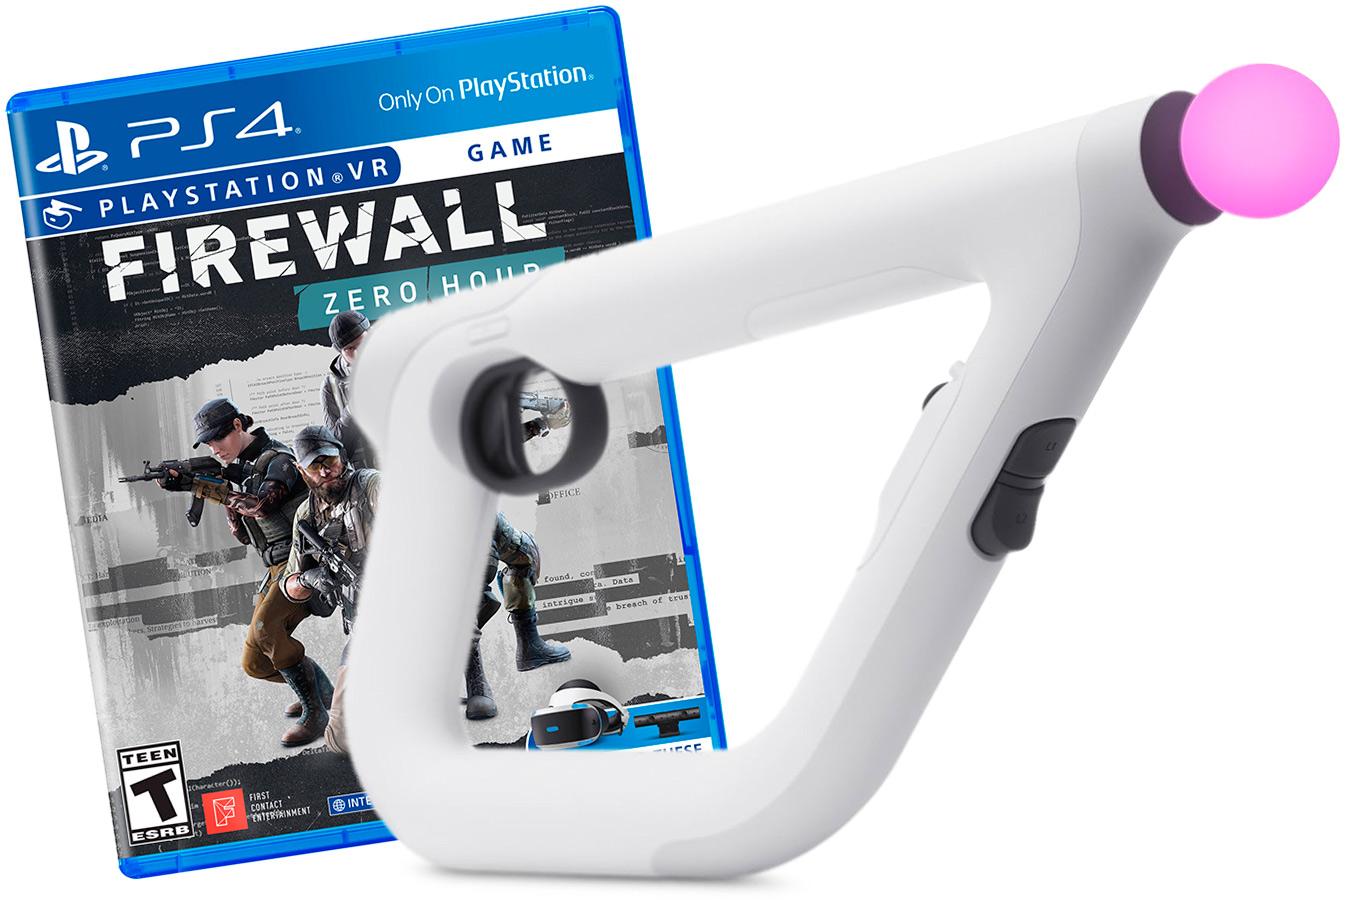 AIM Controller и Firewall Zero Hour для PlayStation VR [CECHYA-ZRA2]